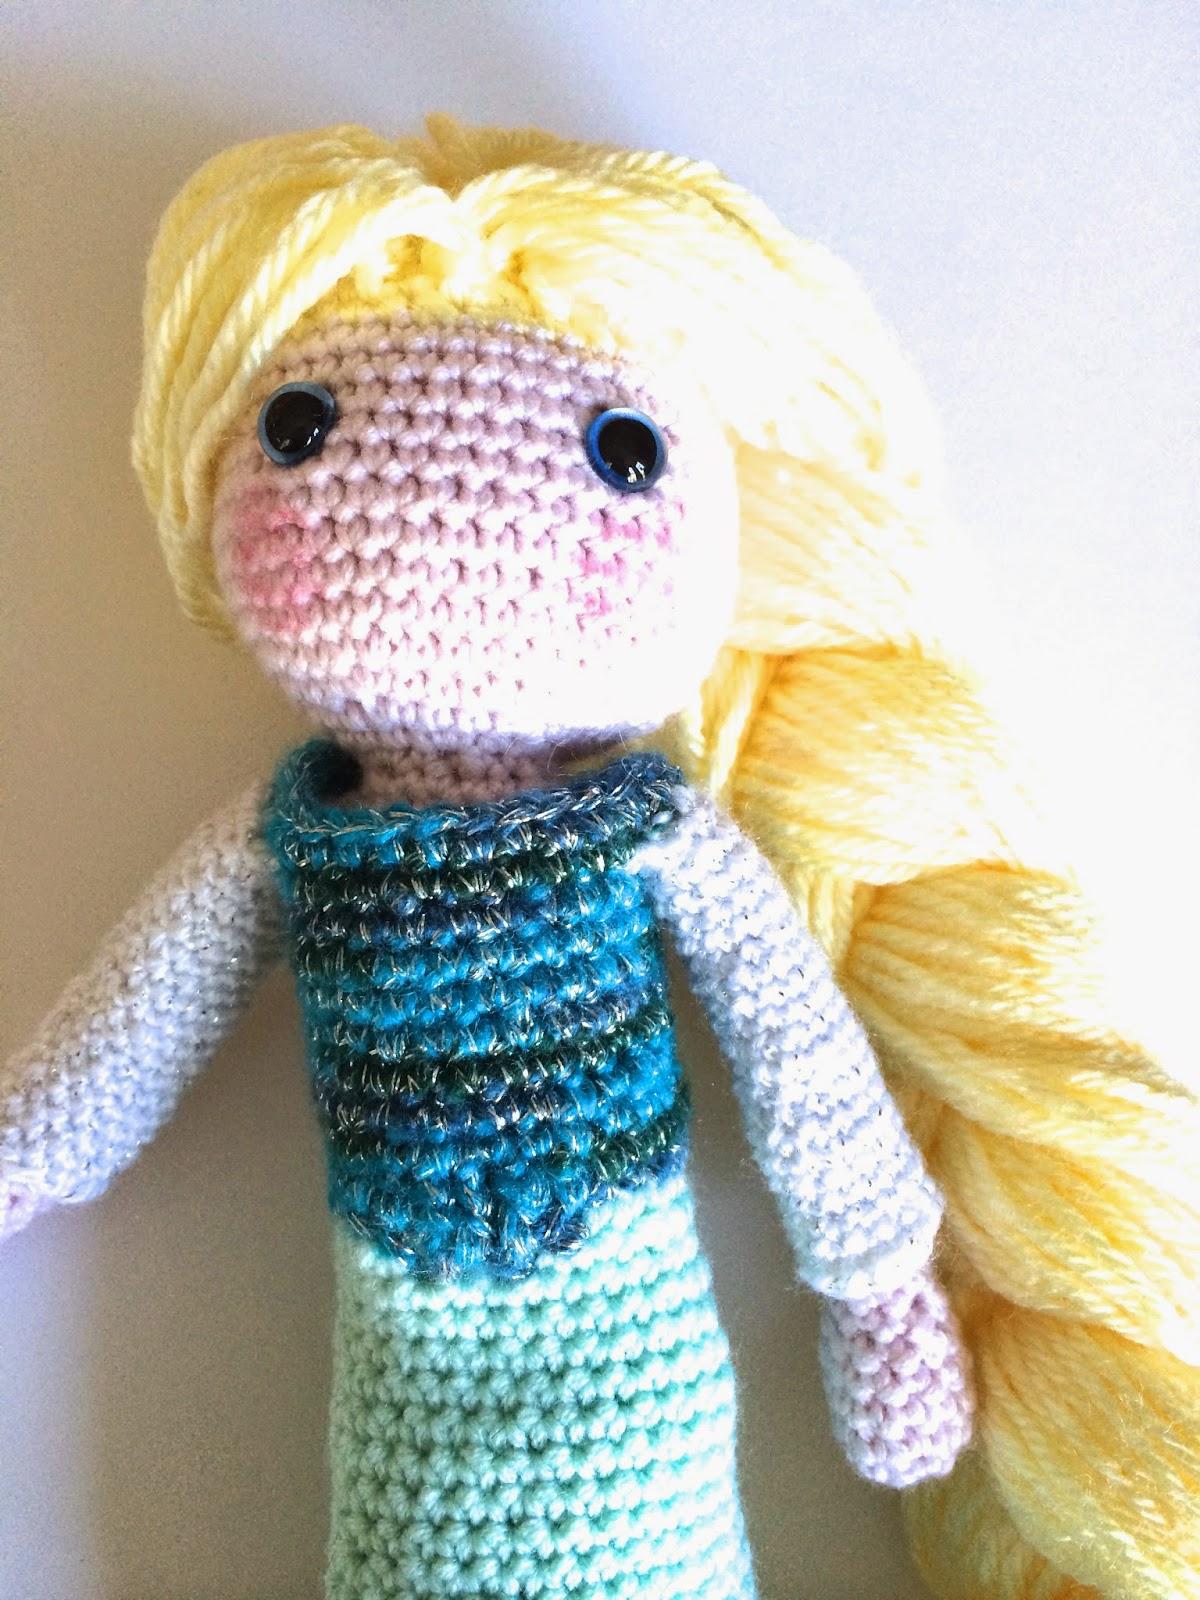 Crochet Elsa Doll : Elsa Crochet Doll Free Tutorial Annoos Crochet World ...